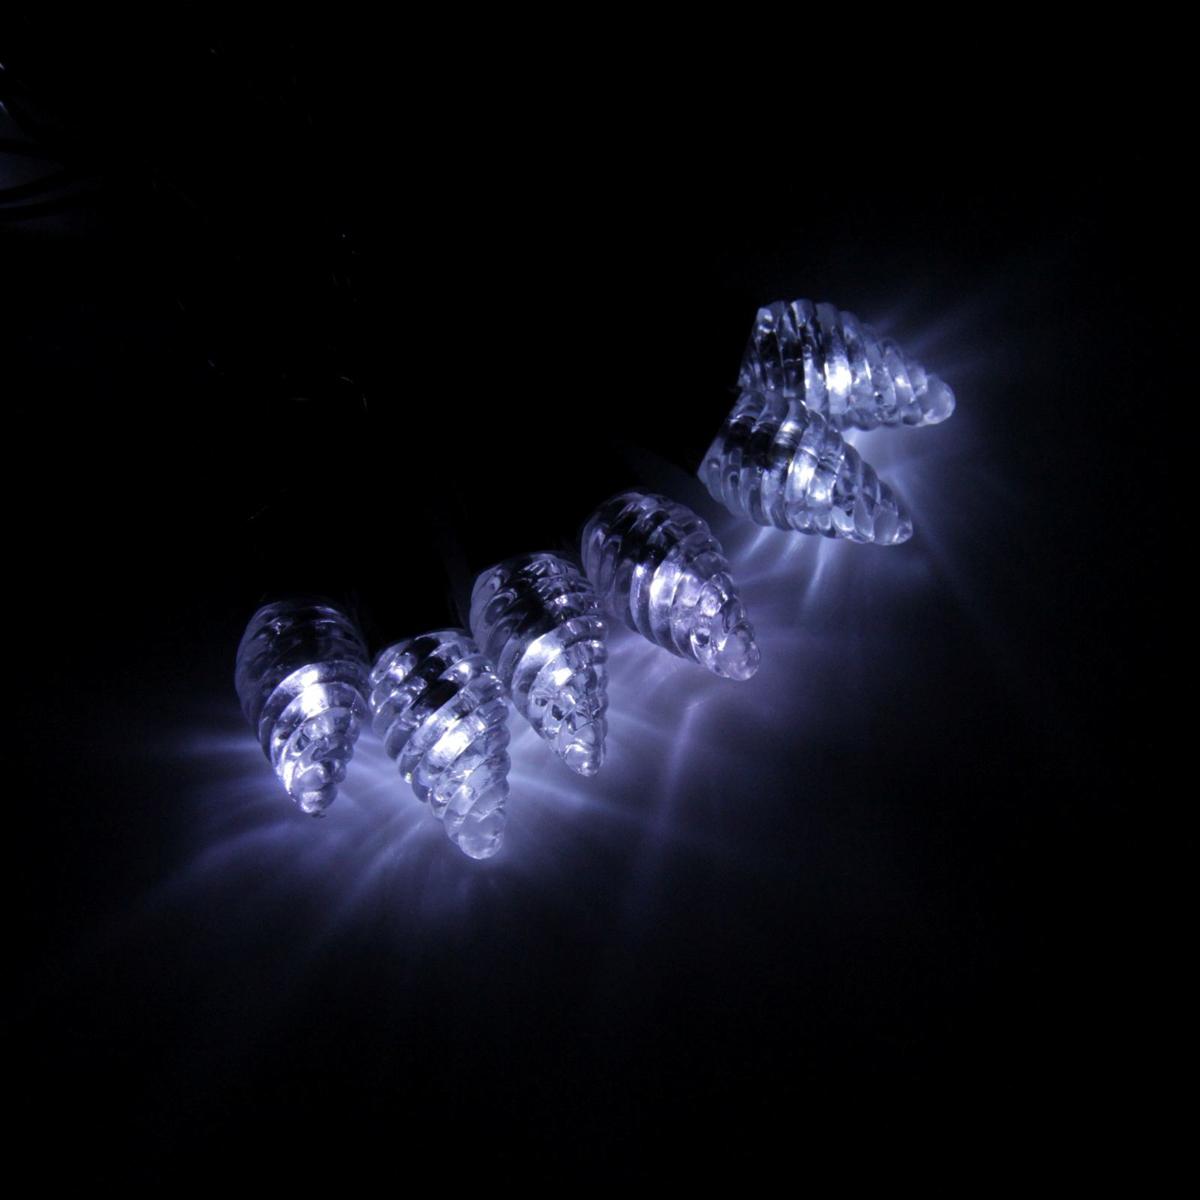 Гирлянда светодиодная Luazon Метраж. Растаявший лед, уличная с насадкой, фиксинг, 40 ламп, 220 V, 5 м, цвет: белый. 185185Светодиодные гирлянды, ленты и т.д. — это отличный вариант для новогоднего оформления интерьера или фасада. С их помощью помещение любого размера можно превратить в праздничный зал, а внешние элементы зданий, украшенные ими, мгновенно станут напоминать очертания сказочного дворца. Такие украшения создают ауру предвкушения чуда. Деревья, фасады, витрины, окна и арки будто специально созданы, чтобы вы украсили их светящимися нитями.